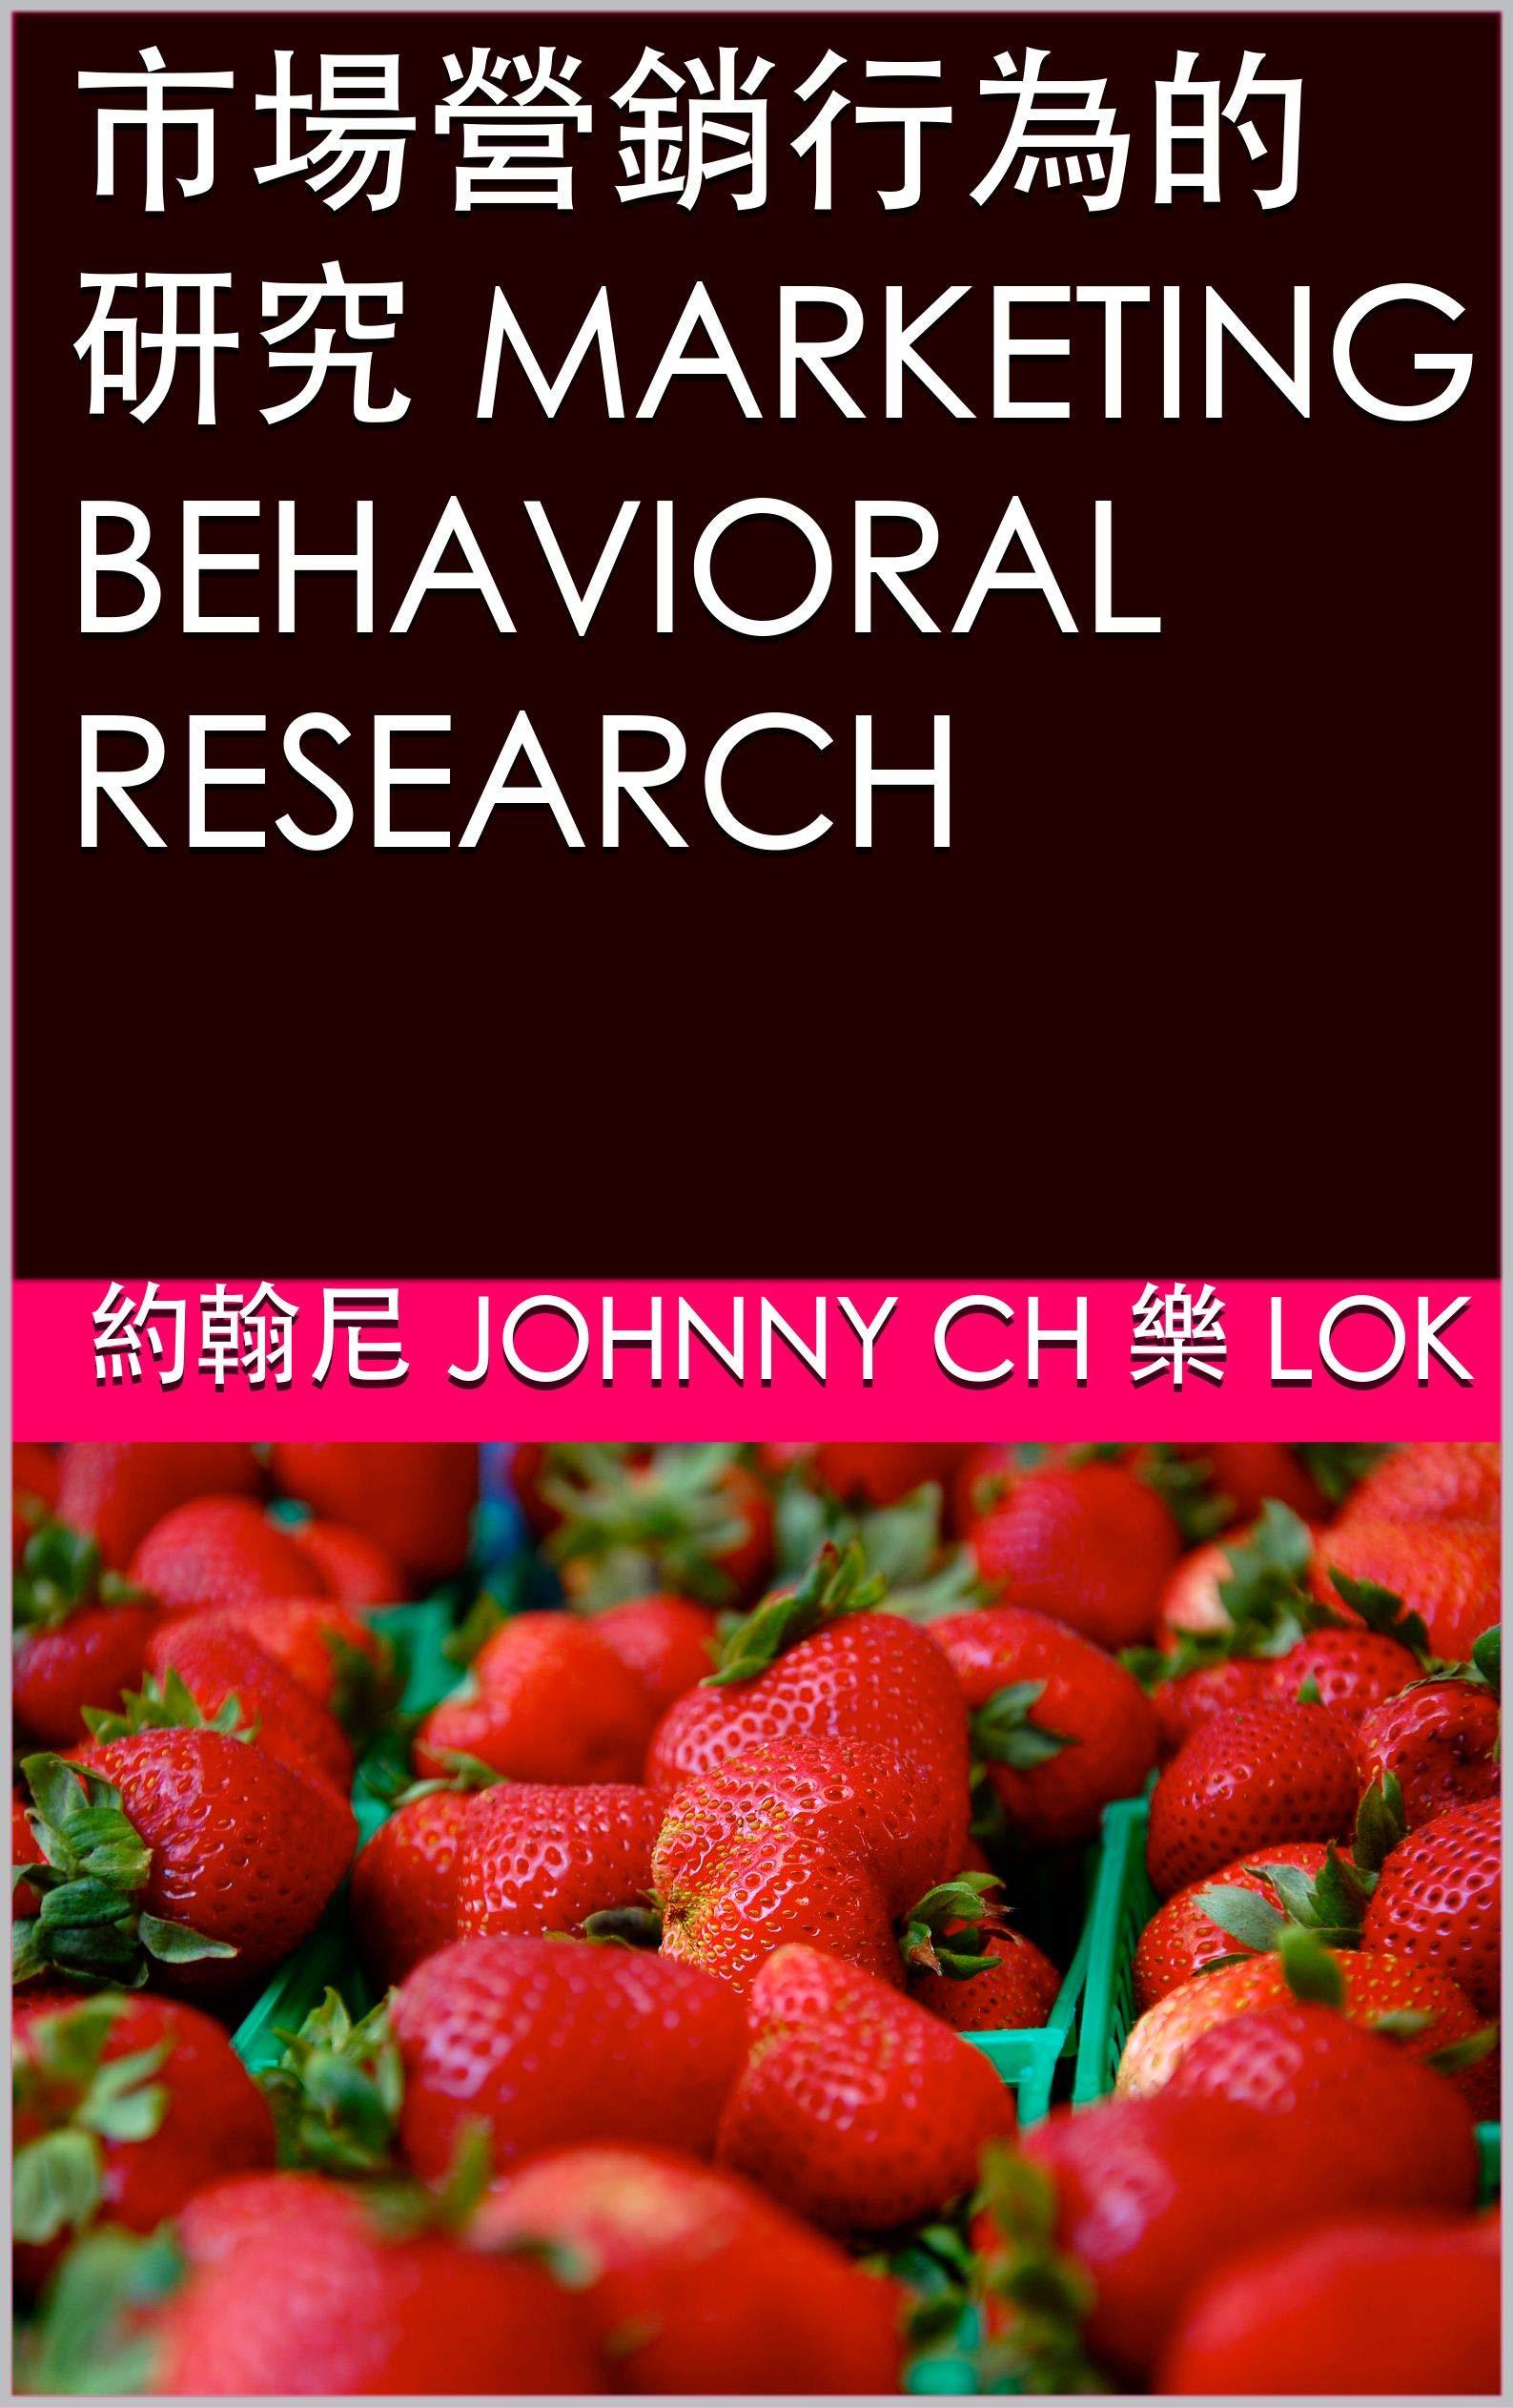 市場營銷行為的 研究 MARKETING BEHAVIORAL RESEARCH (Traditional Chinese Edition)